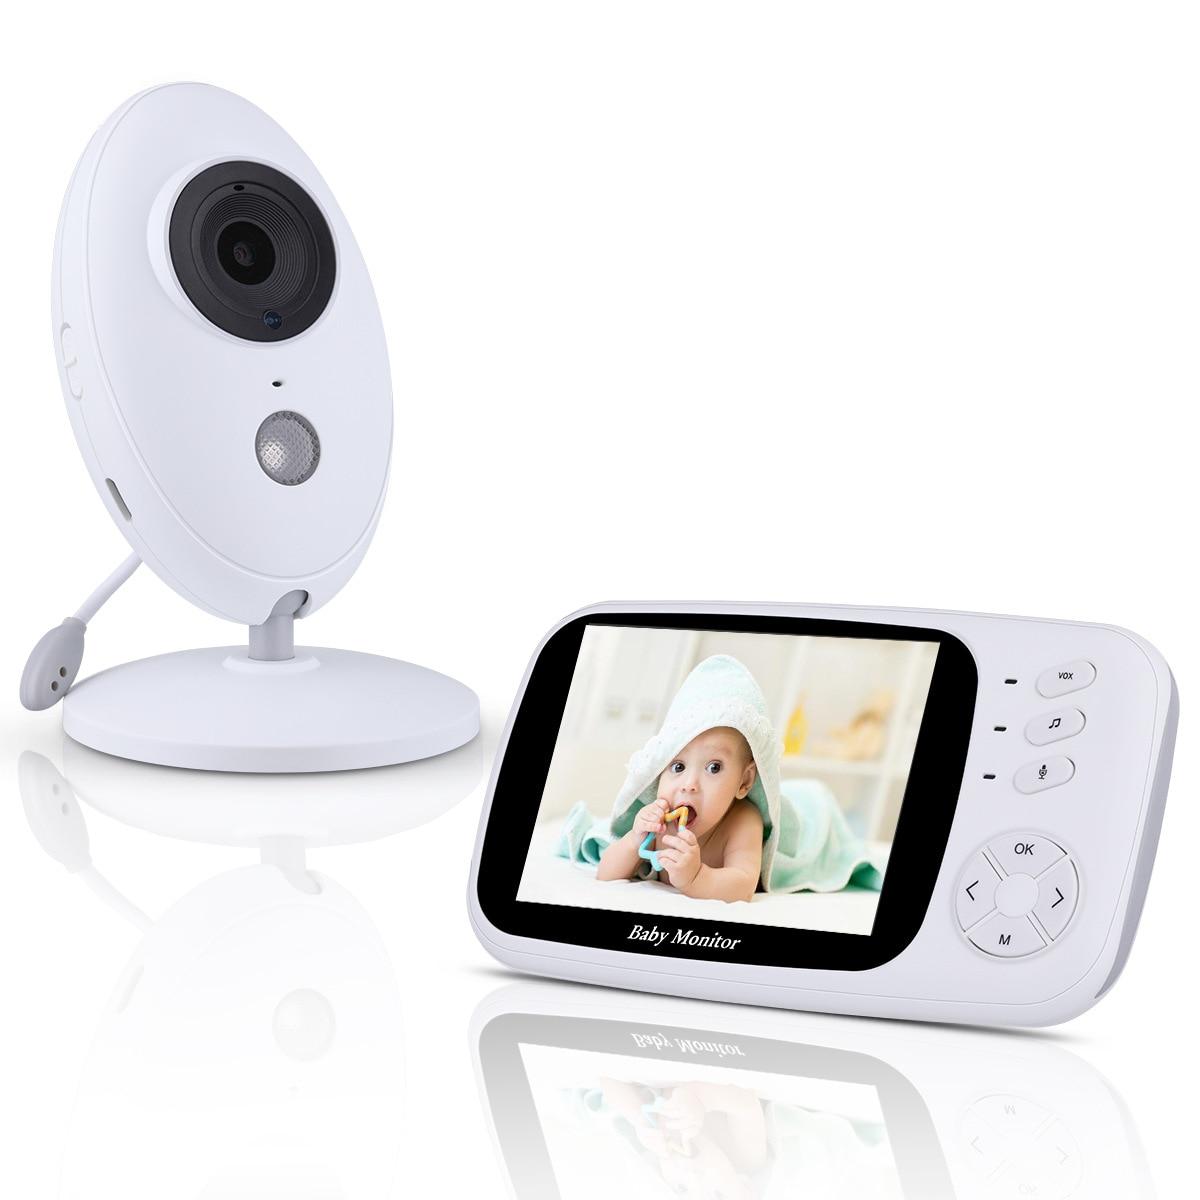 XF808 3.5 pouces sans fil vidéo bébé moniteur caméra vision nocturne bébé sommeil nounou sécurité vidéo caméra moniteur LCD moniteur-in Bébé Moniteurs from Sécurité et Protection on AliExpress - 11.11_Double 11_Singles' Day 1